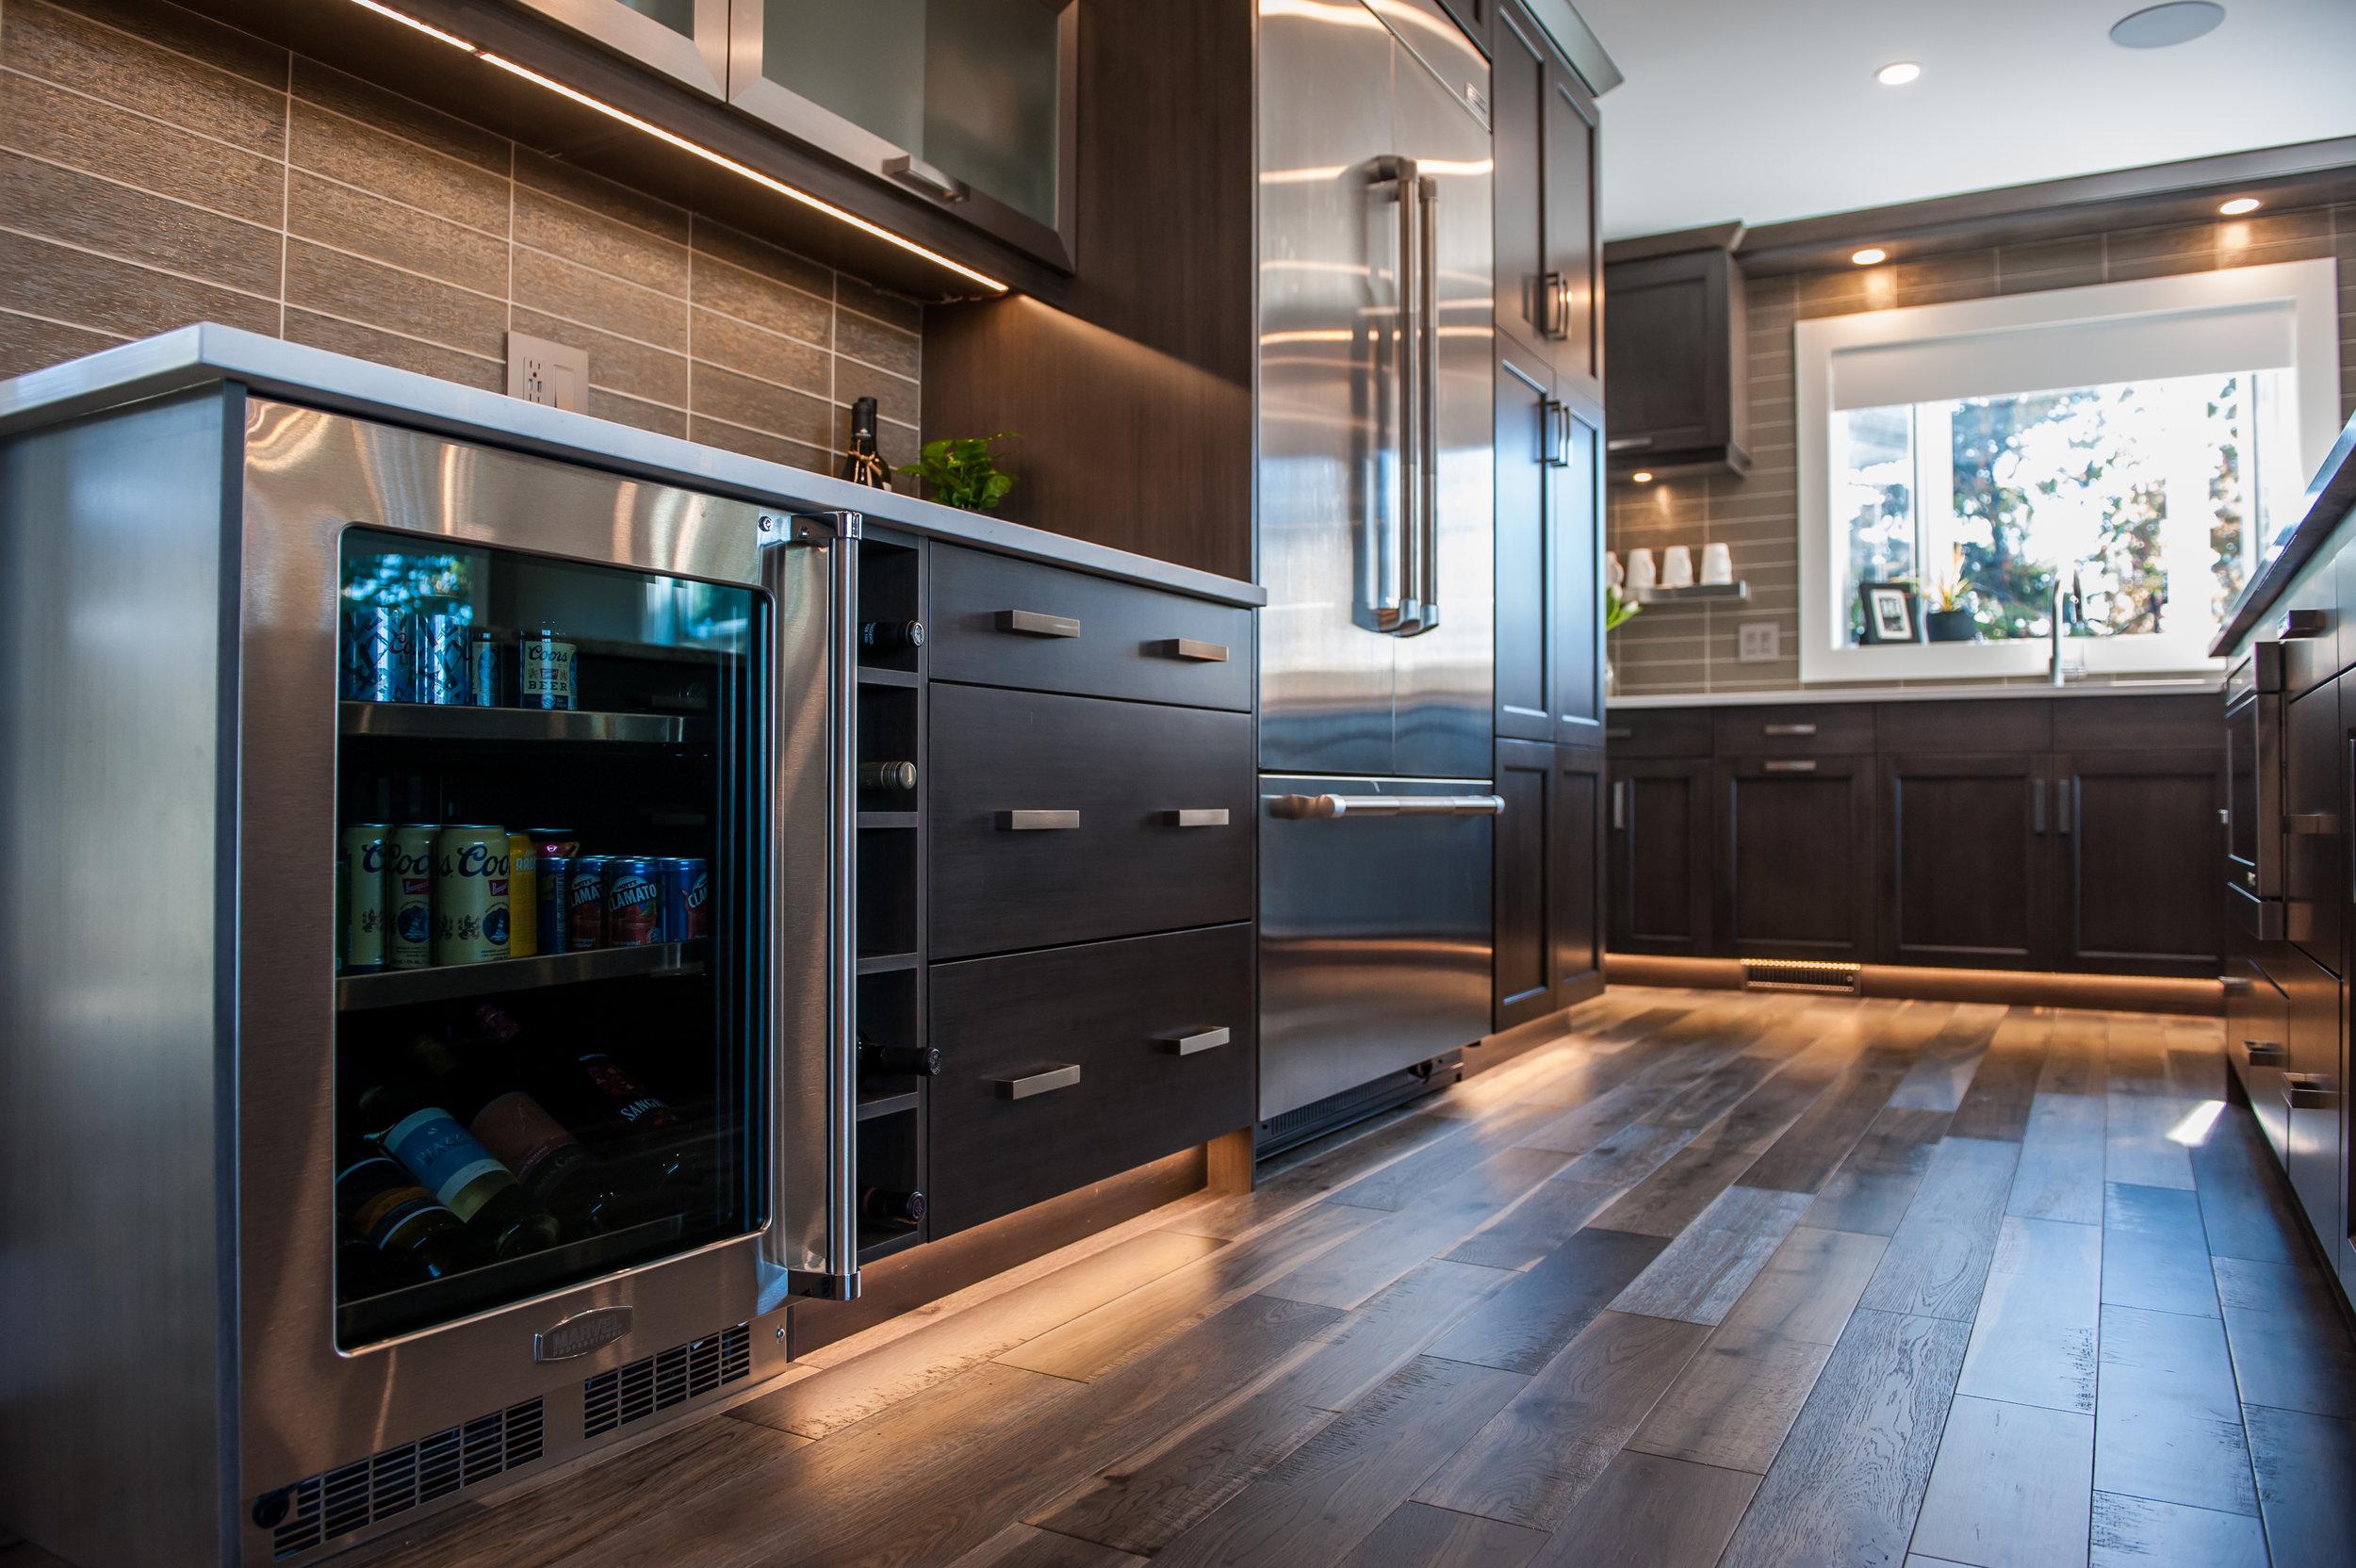 kitchen bar fridge